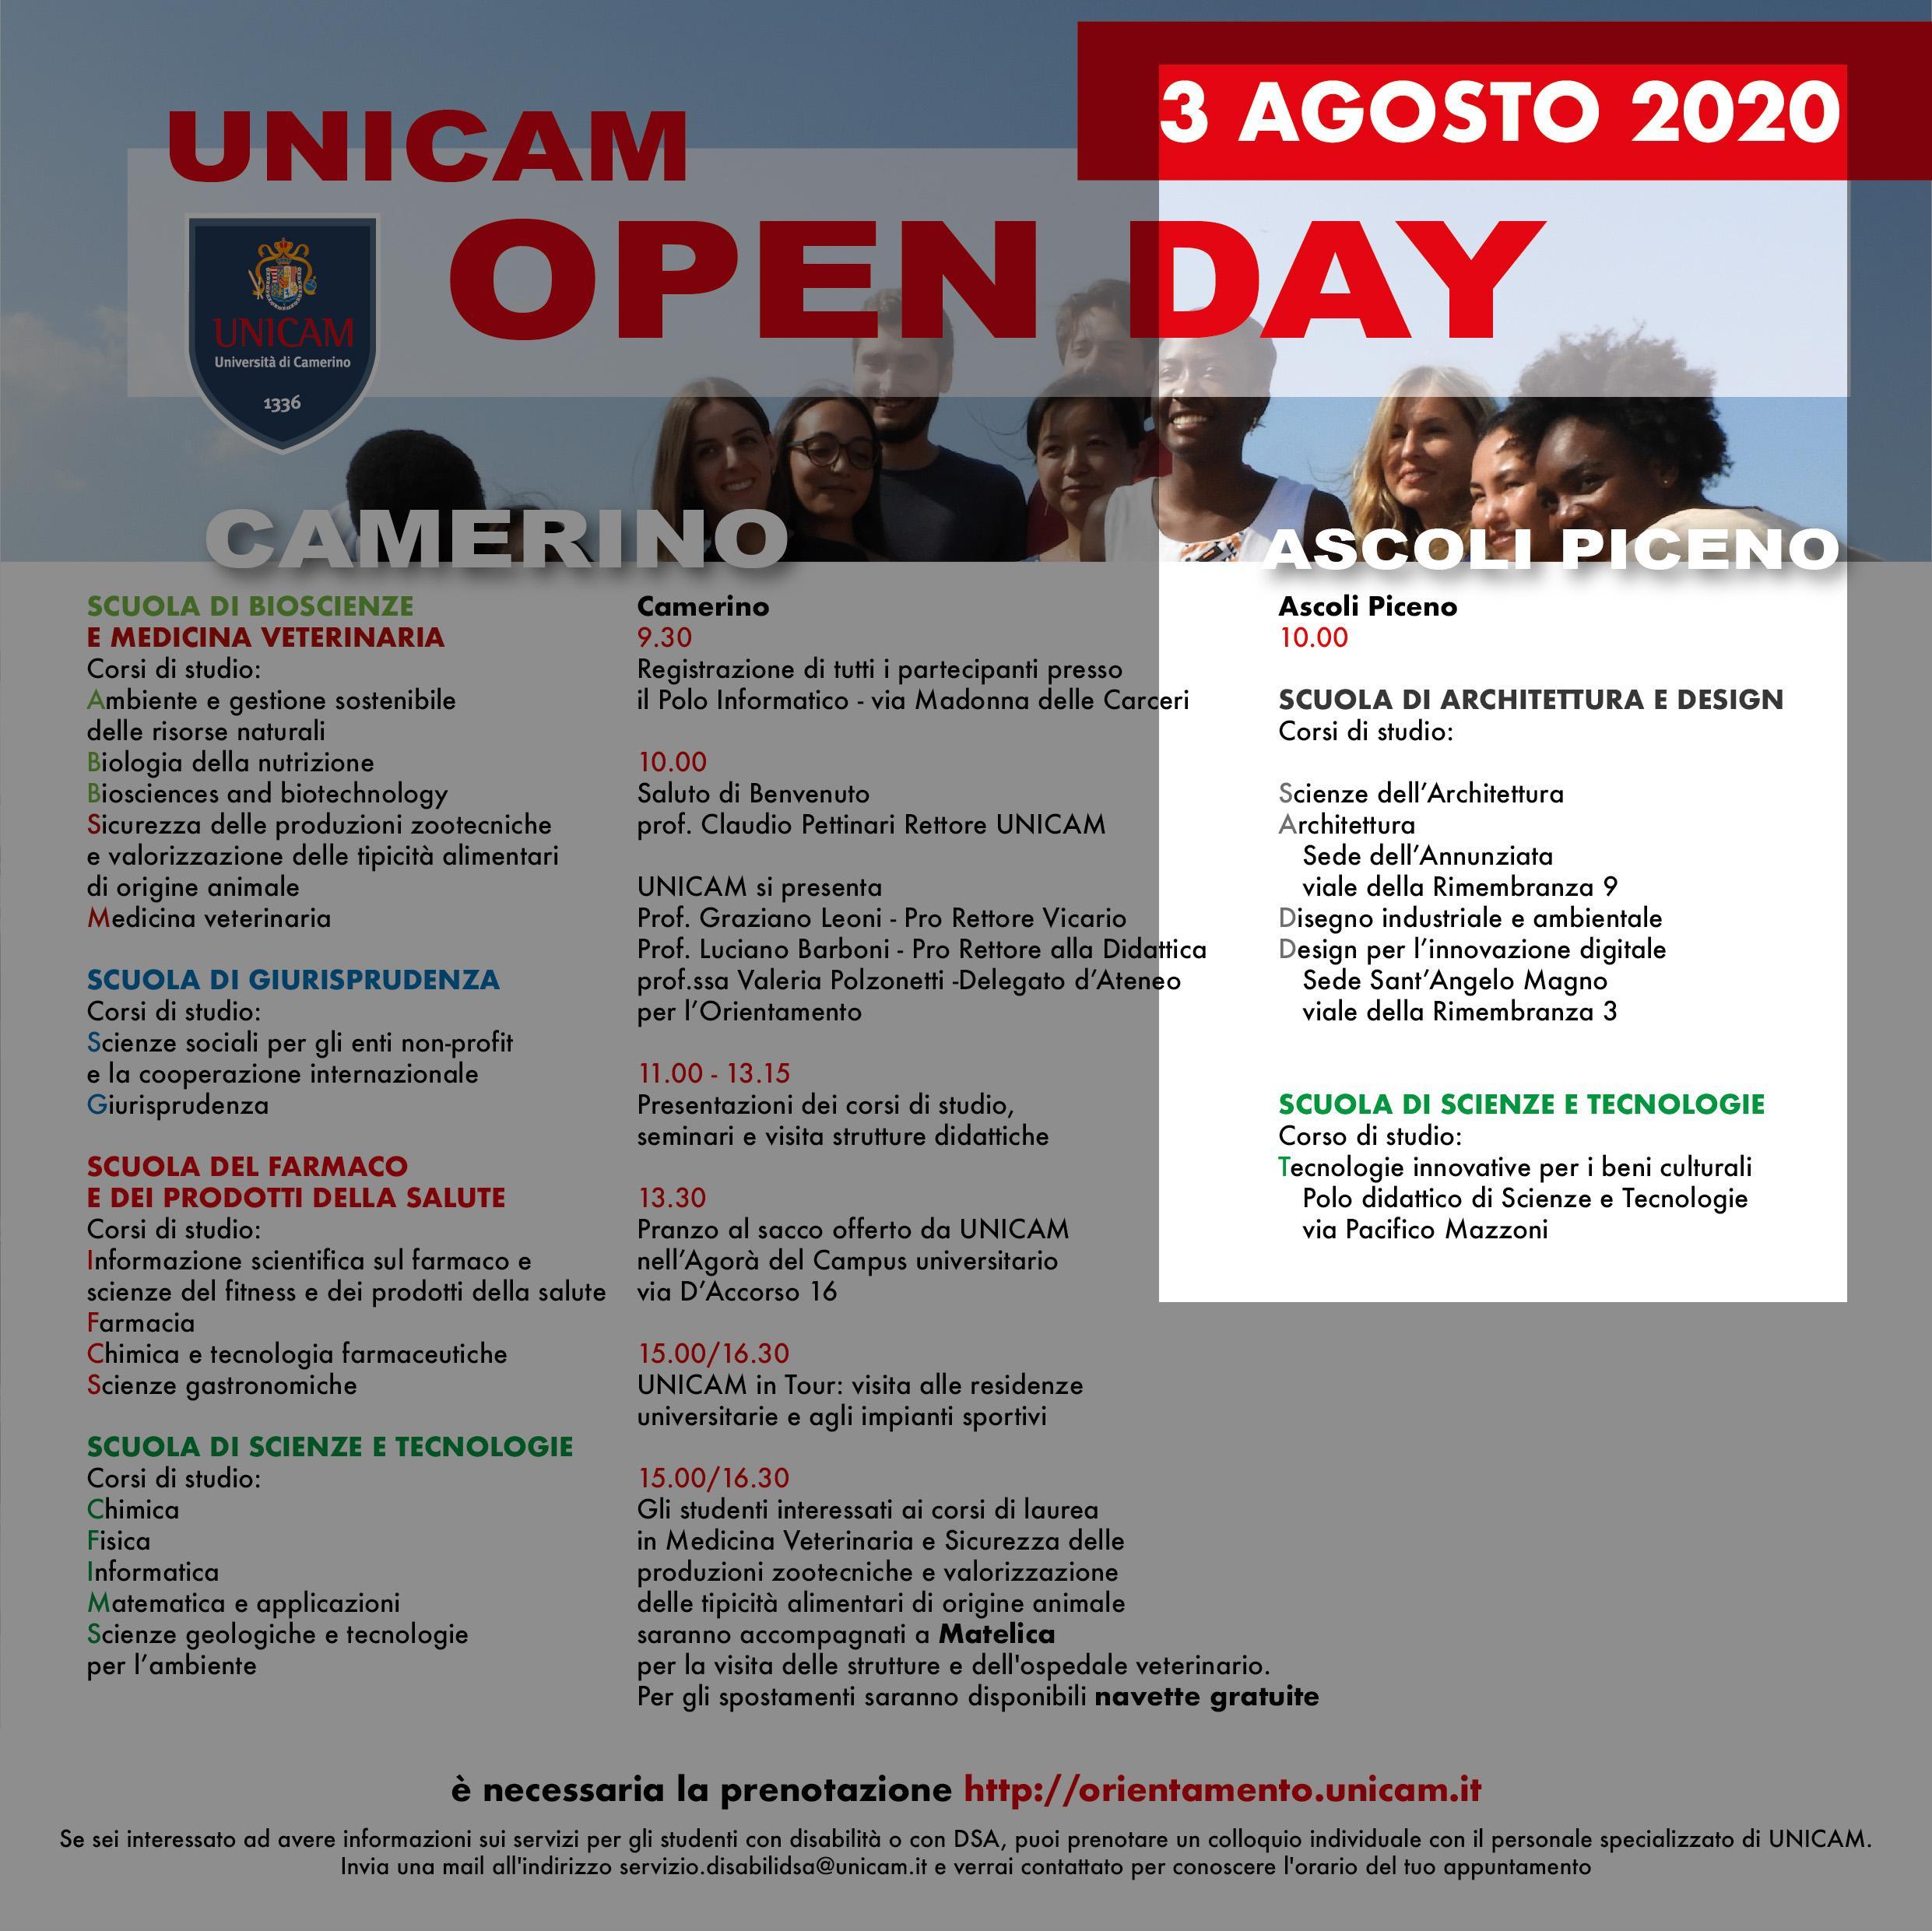 open day 3 agosto 2020